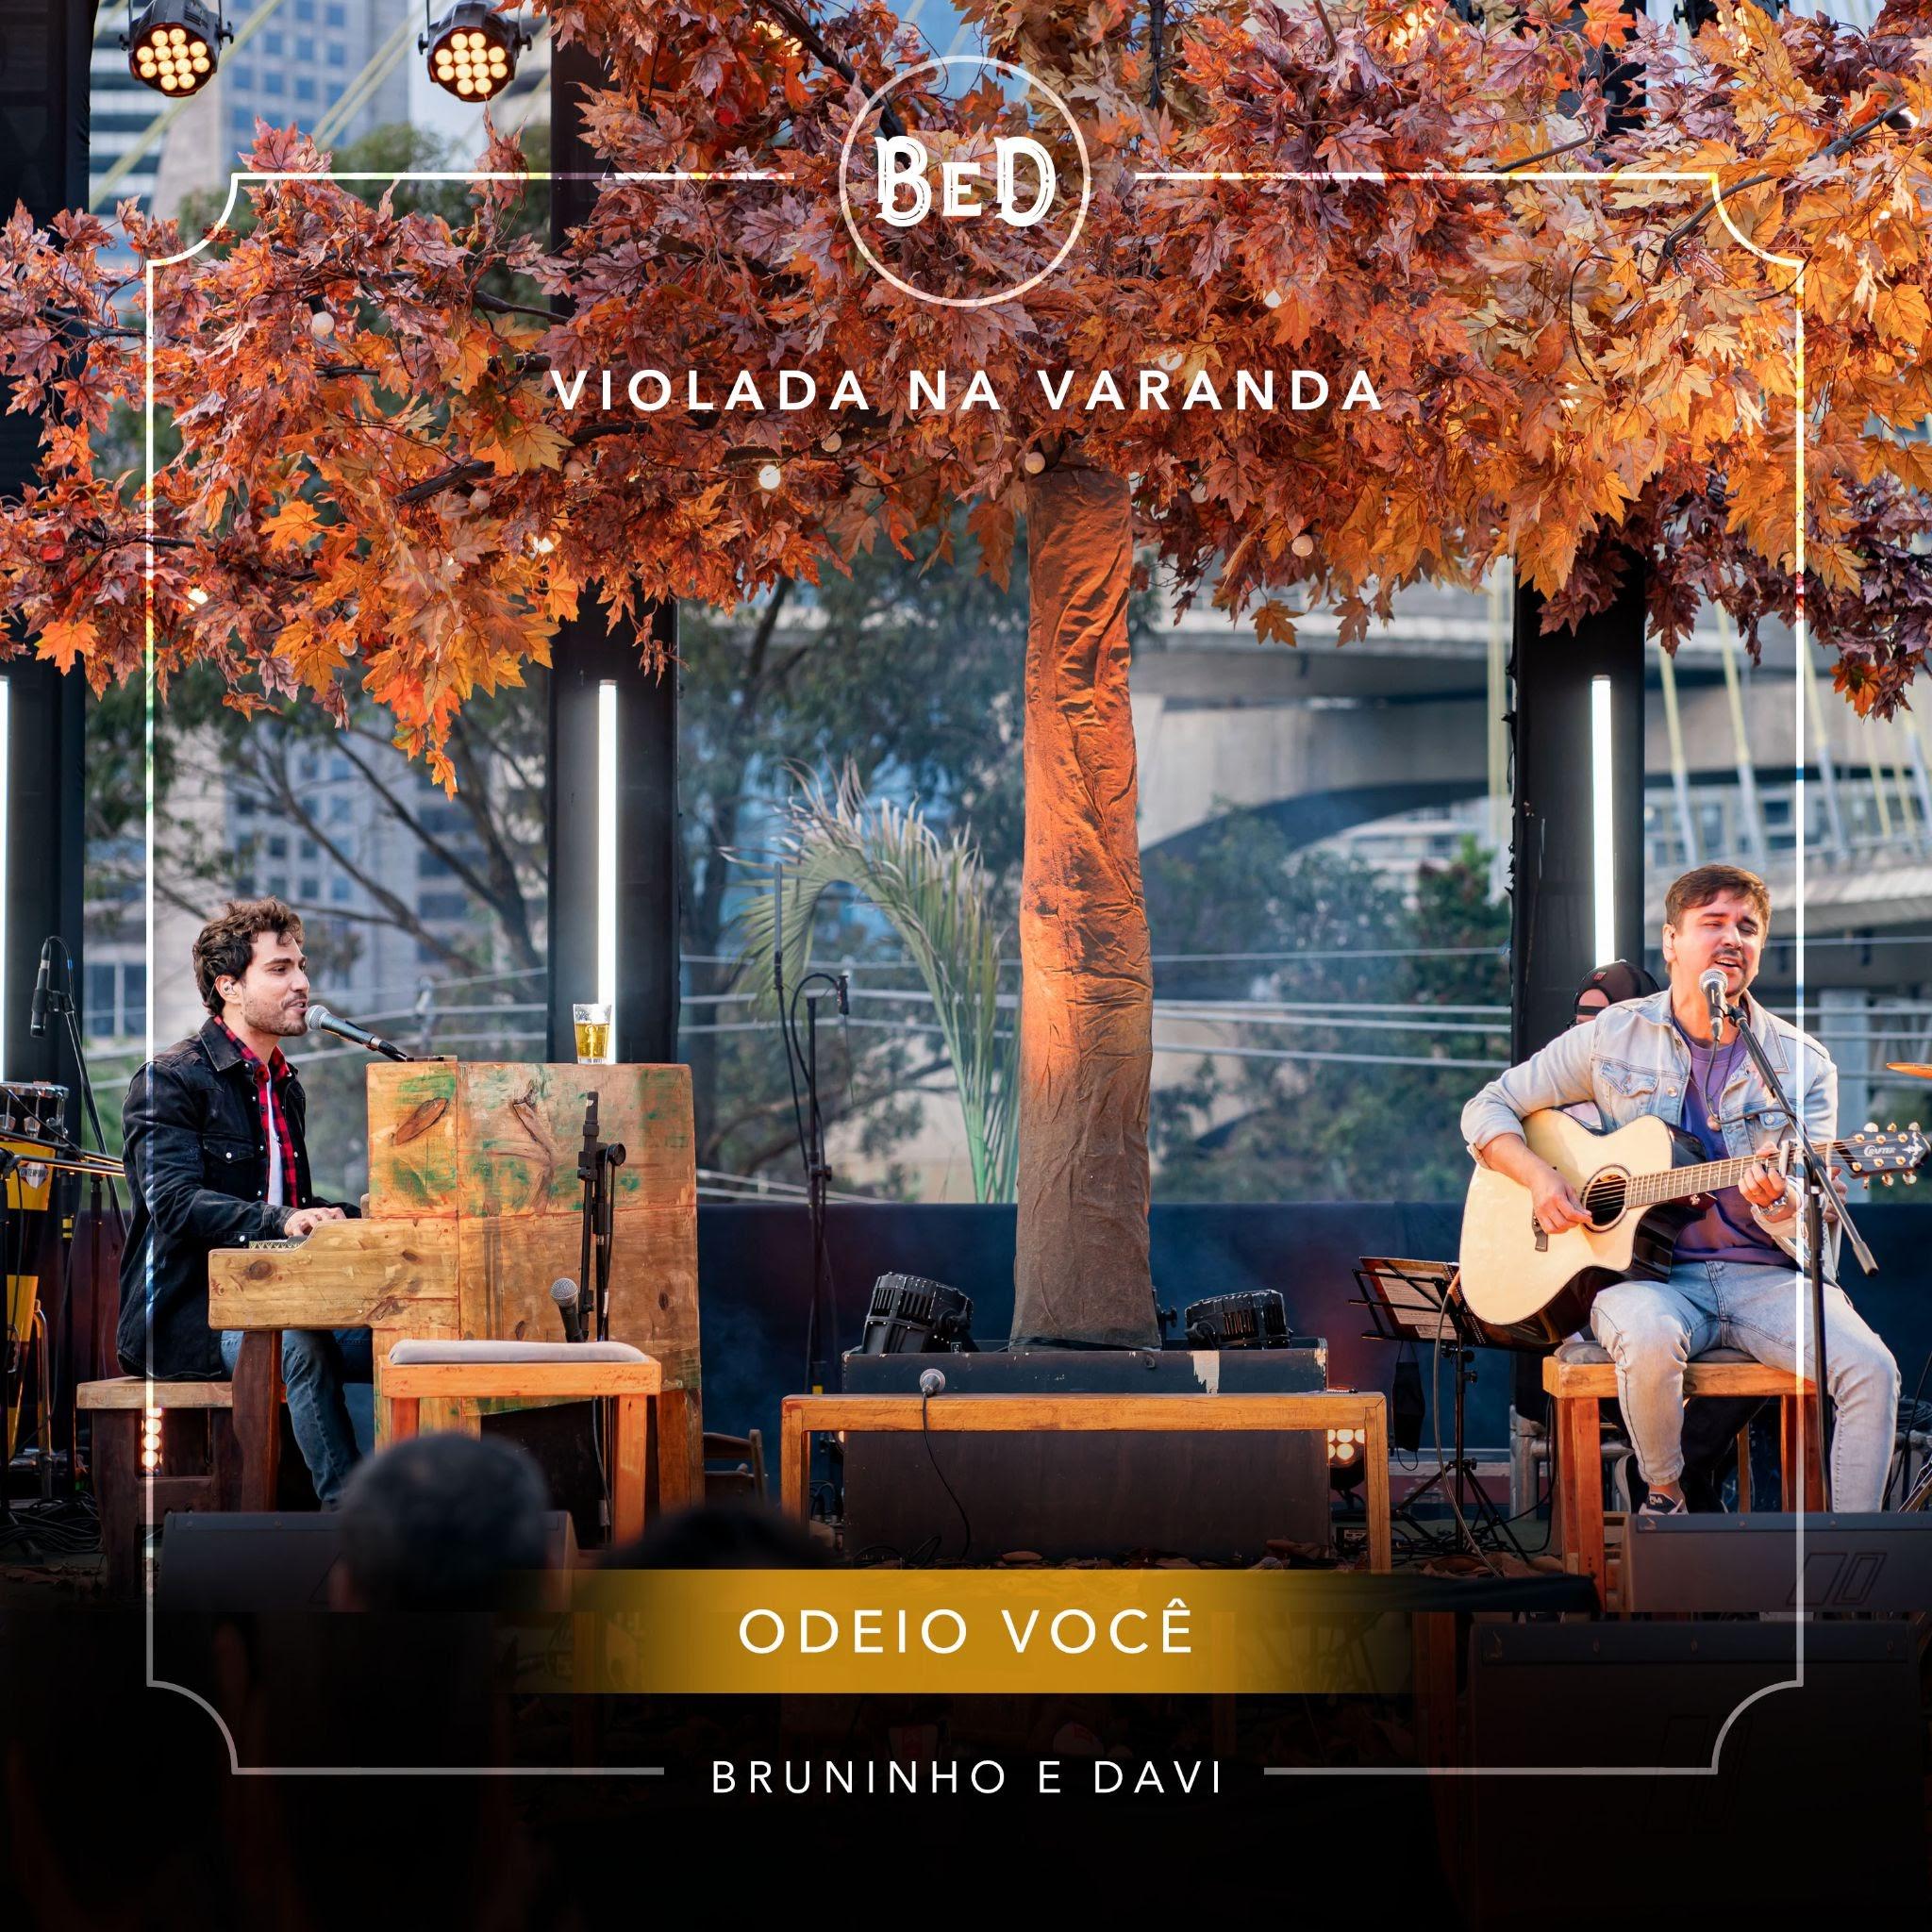 """""""Odeio Você"""": Bruninho e davi tentam esconder paixão em novo single do """"Violada na Varanda"""" 42"""